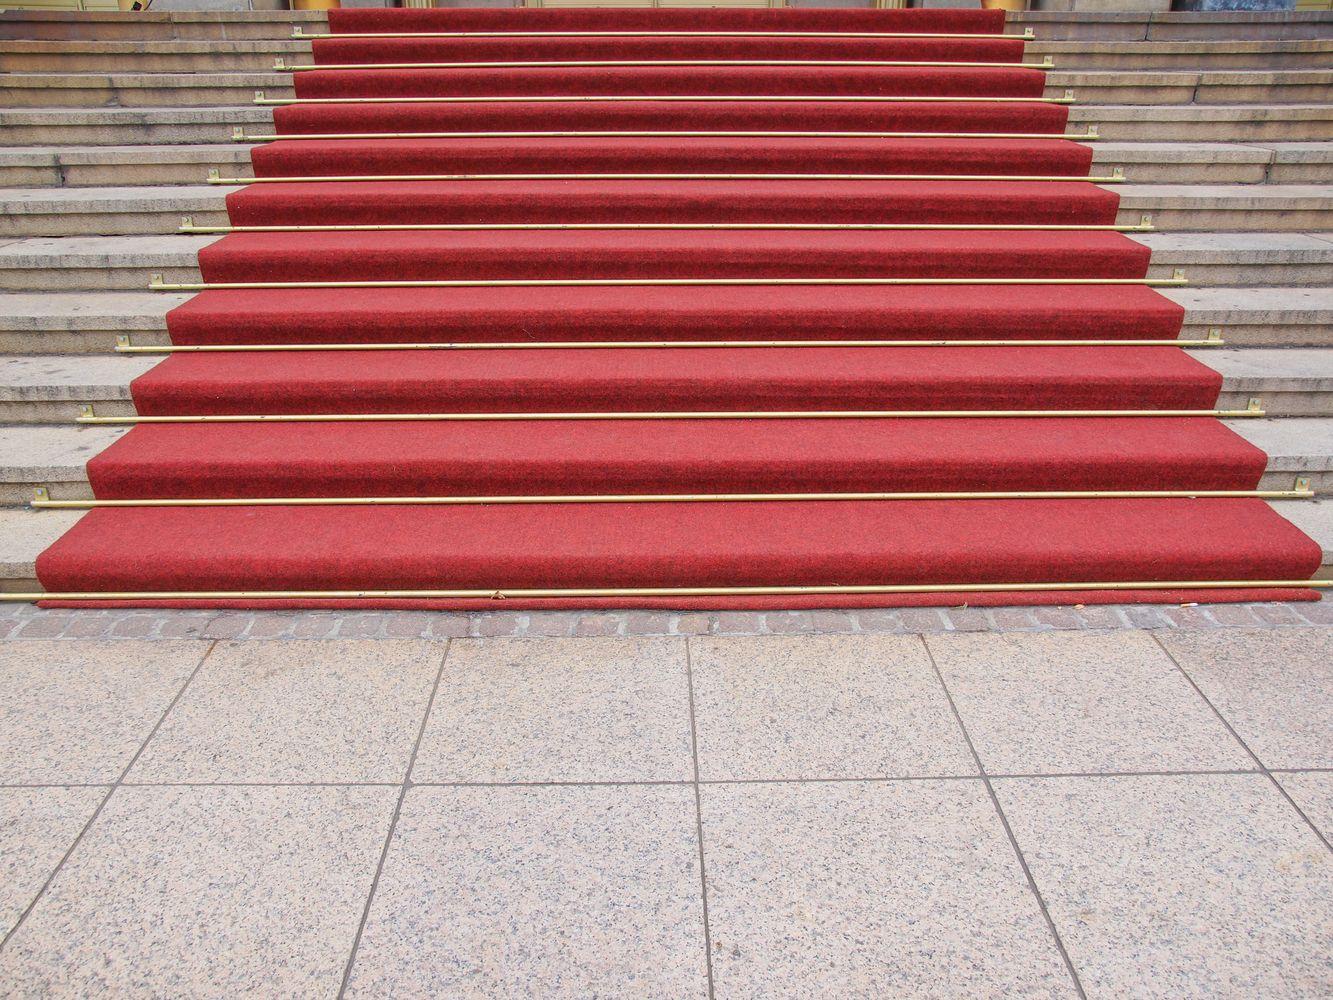 Lietuva kloja raudoną kilimą ICO norintiems daryti startuoliams